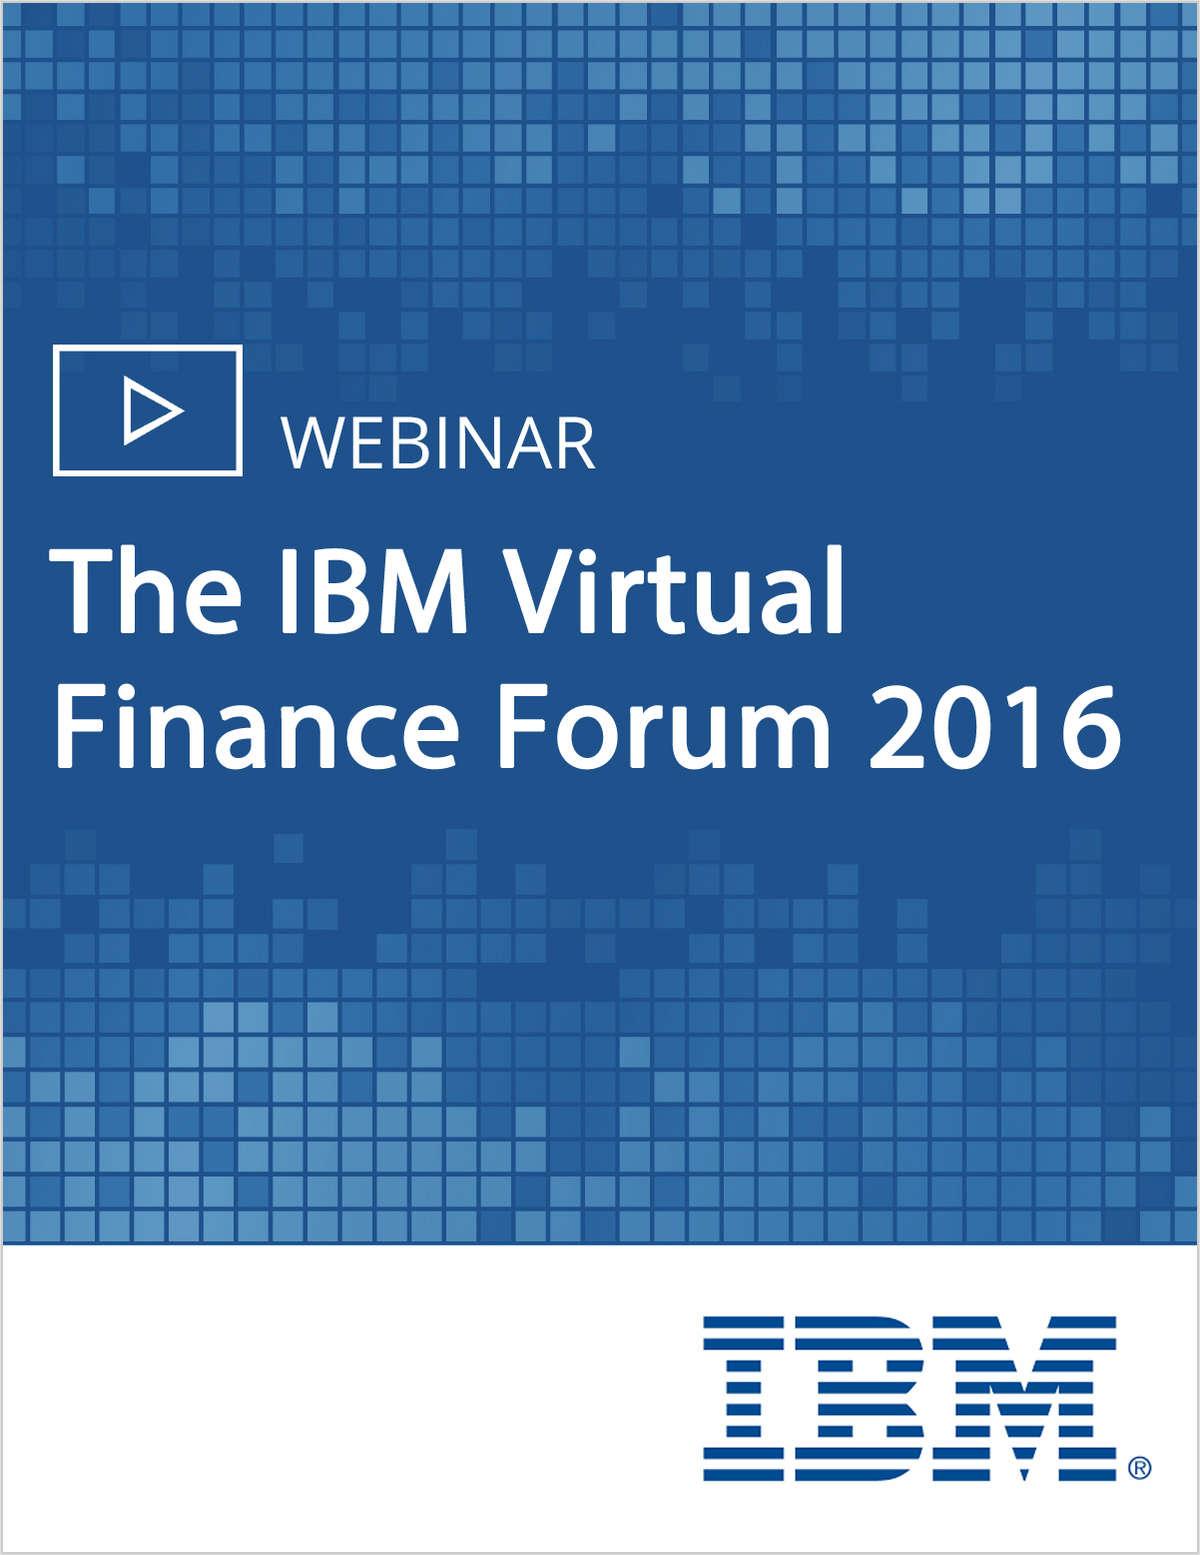 The IBM Virtual Finance Forum 2016